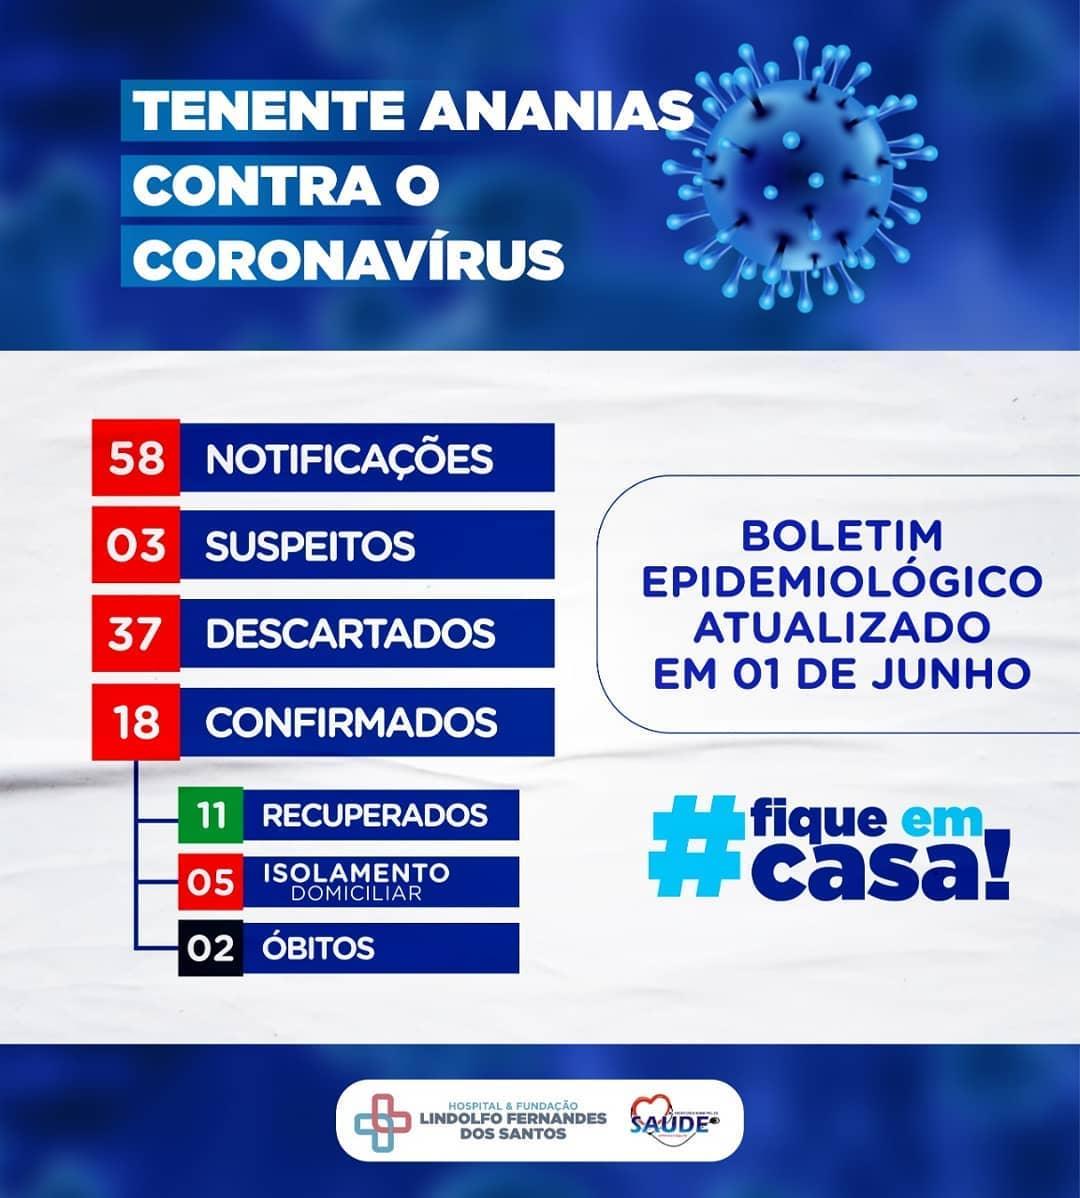 Boletim Epidemiológico, atualizado em 01 de junho de 2020